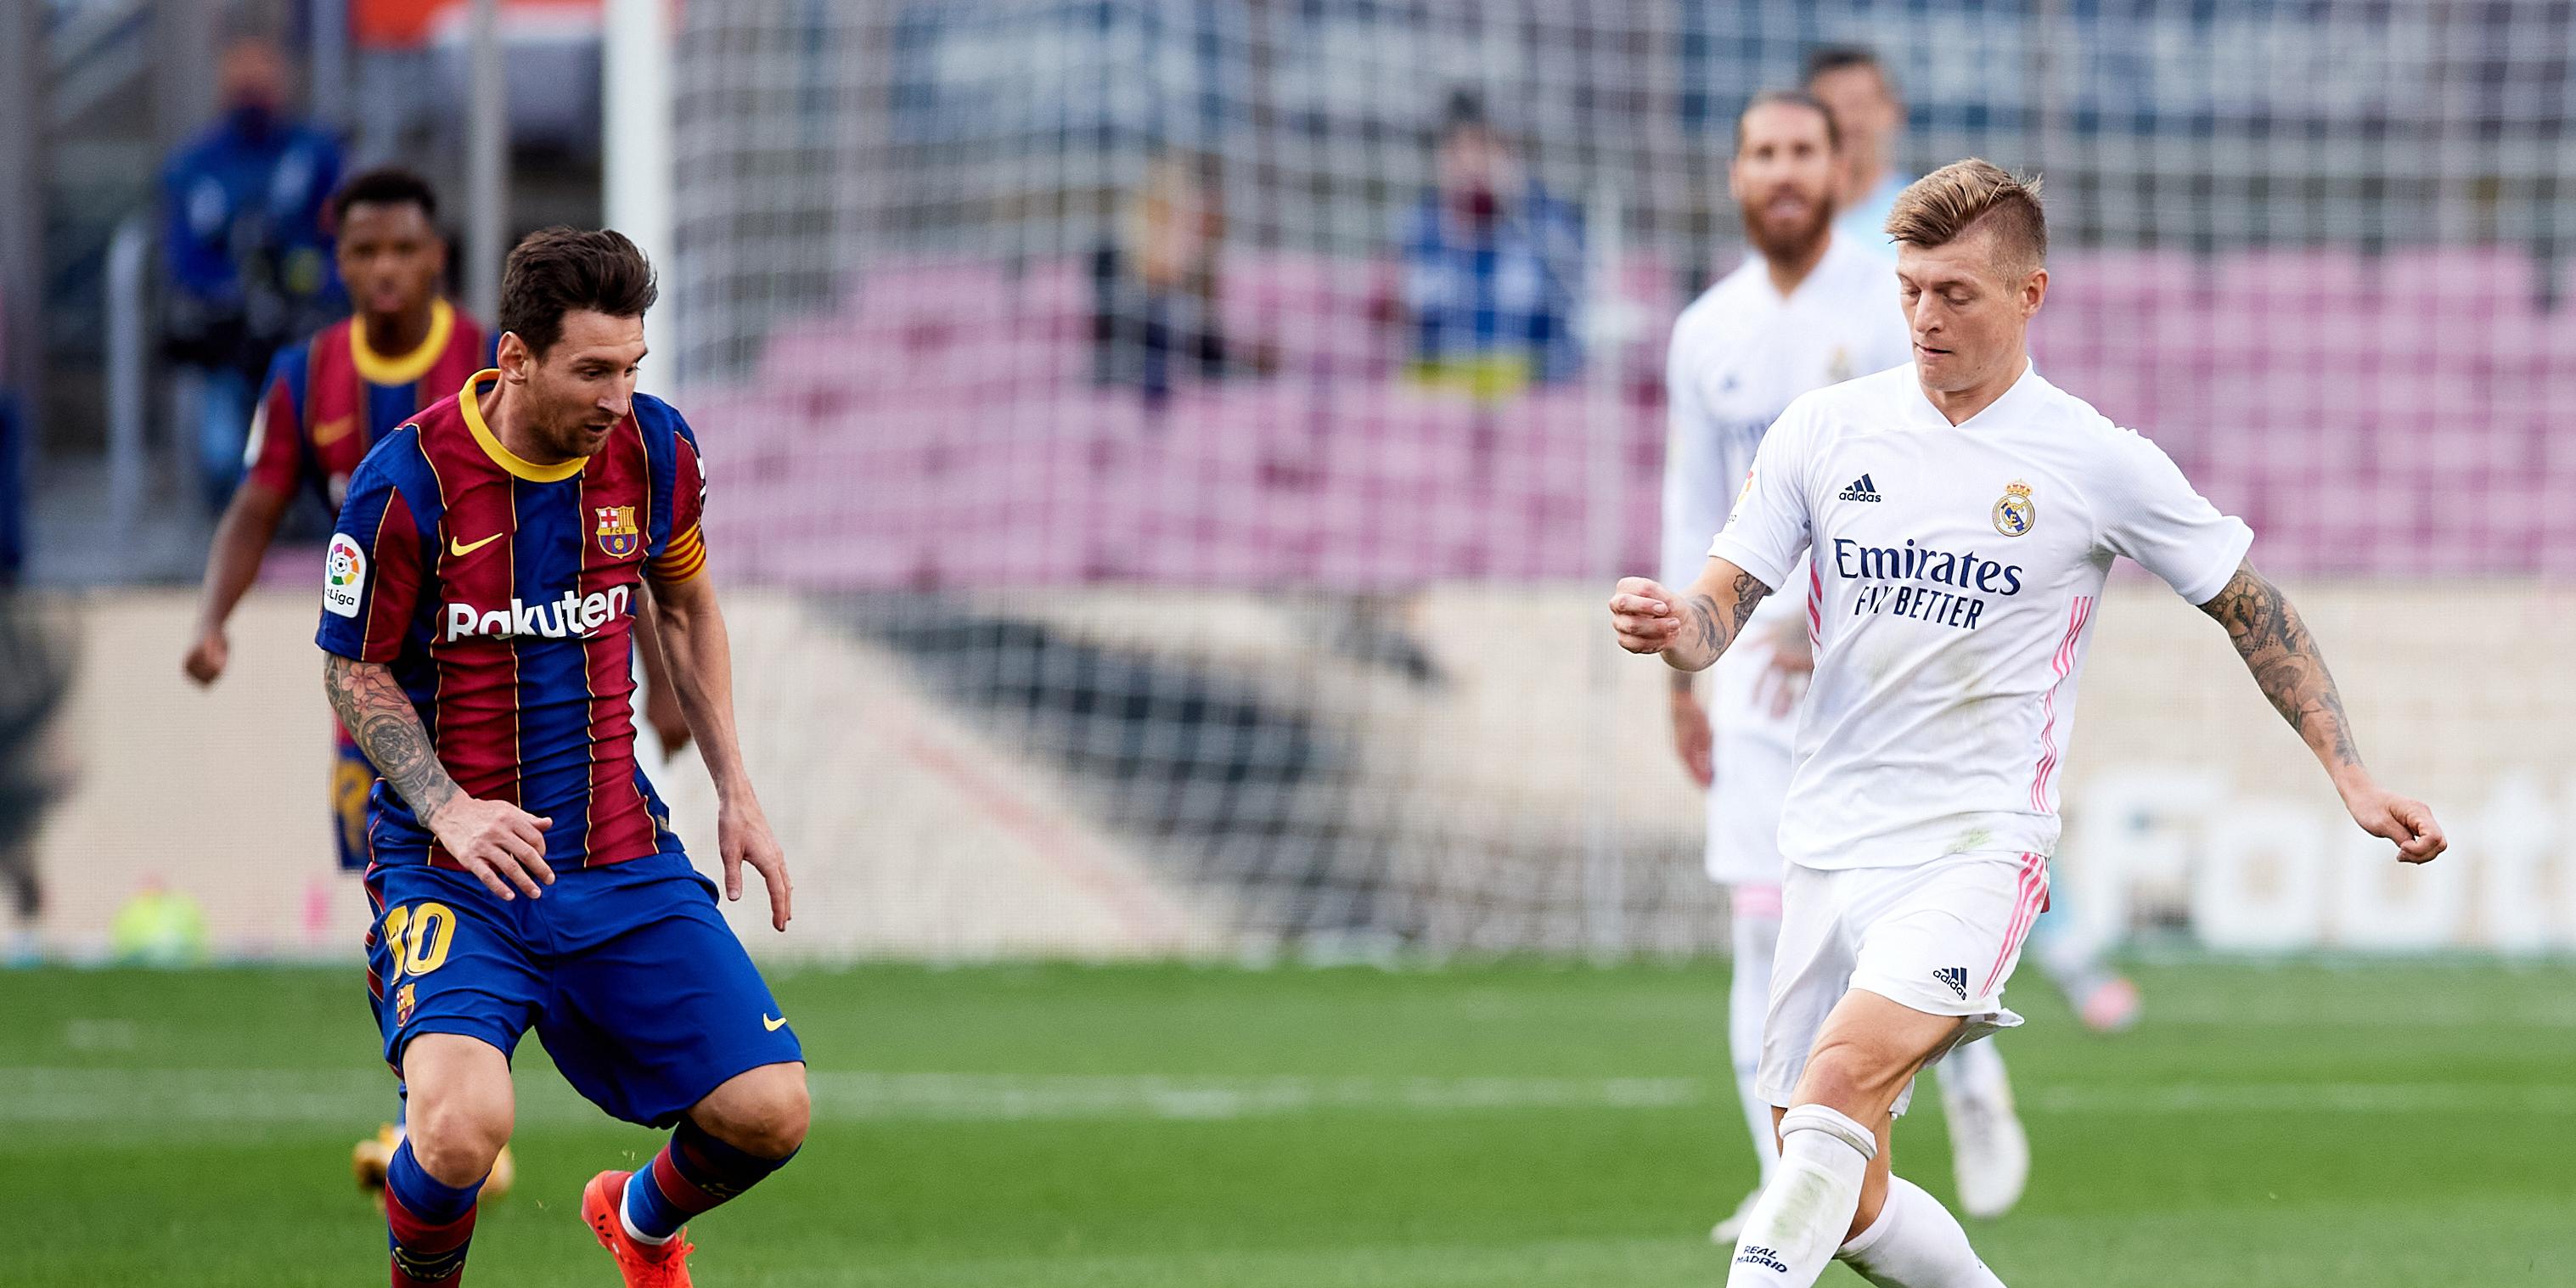 El Clásico: Messi und Kroos